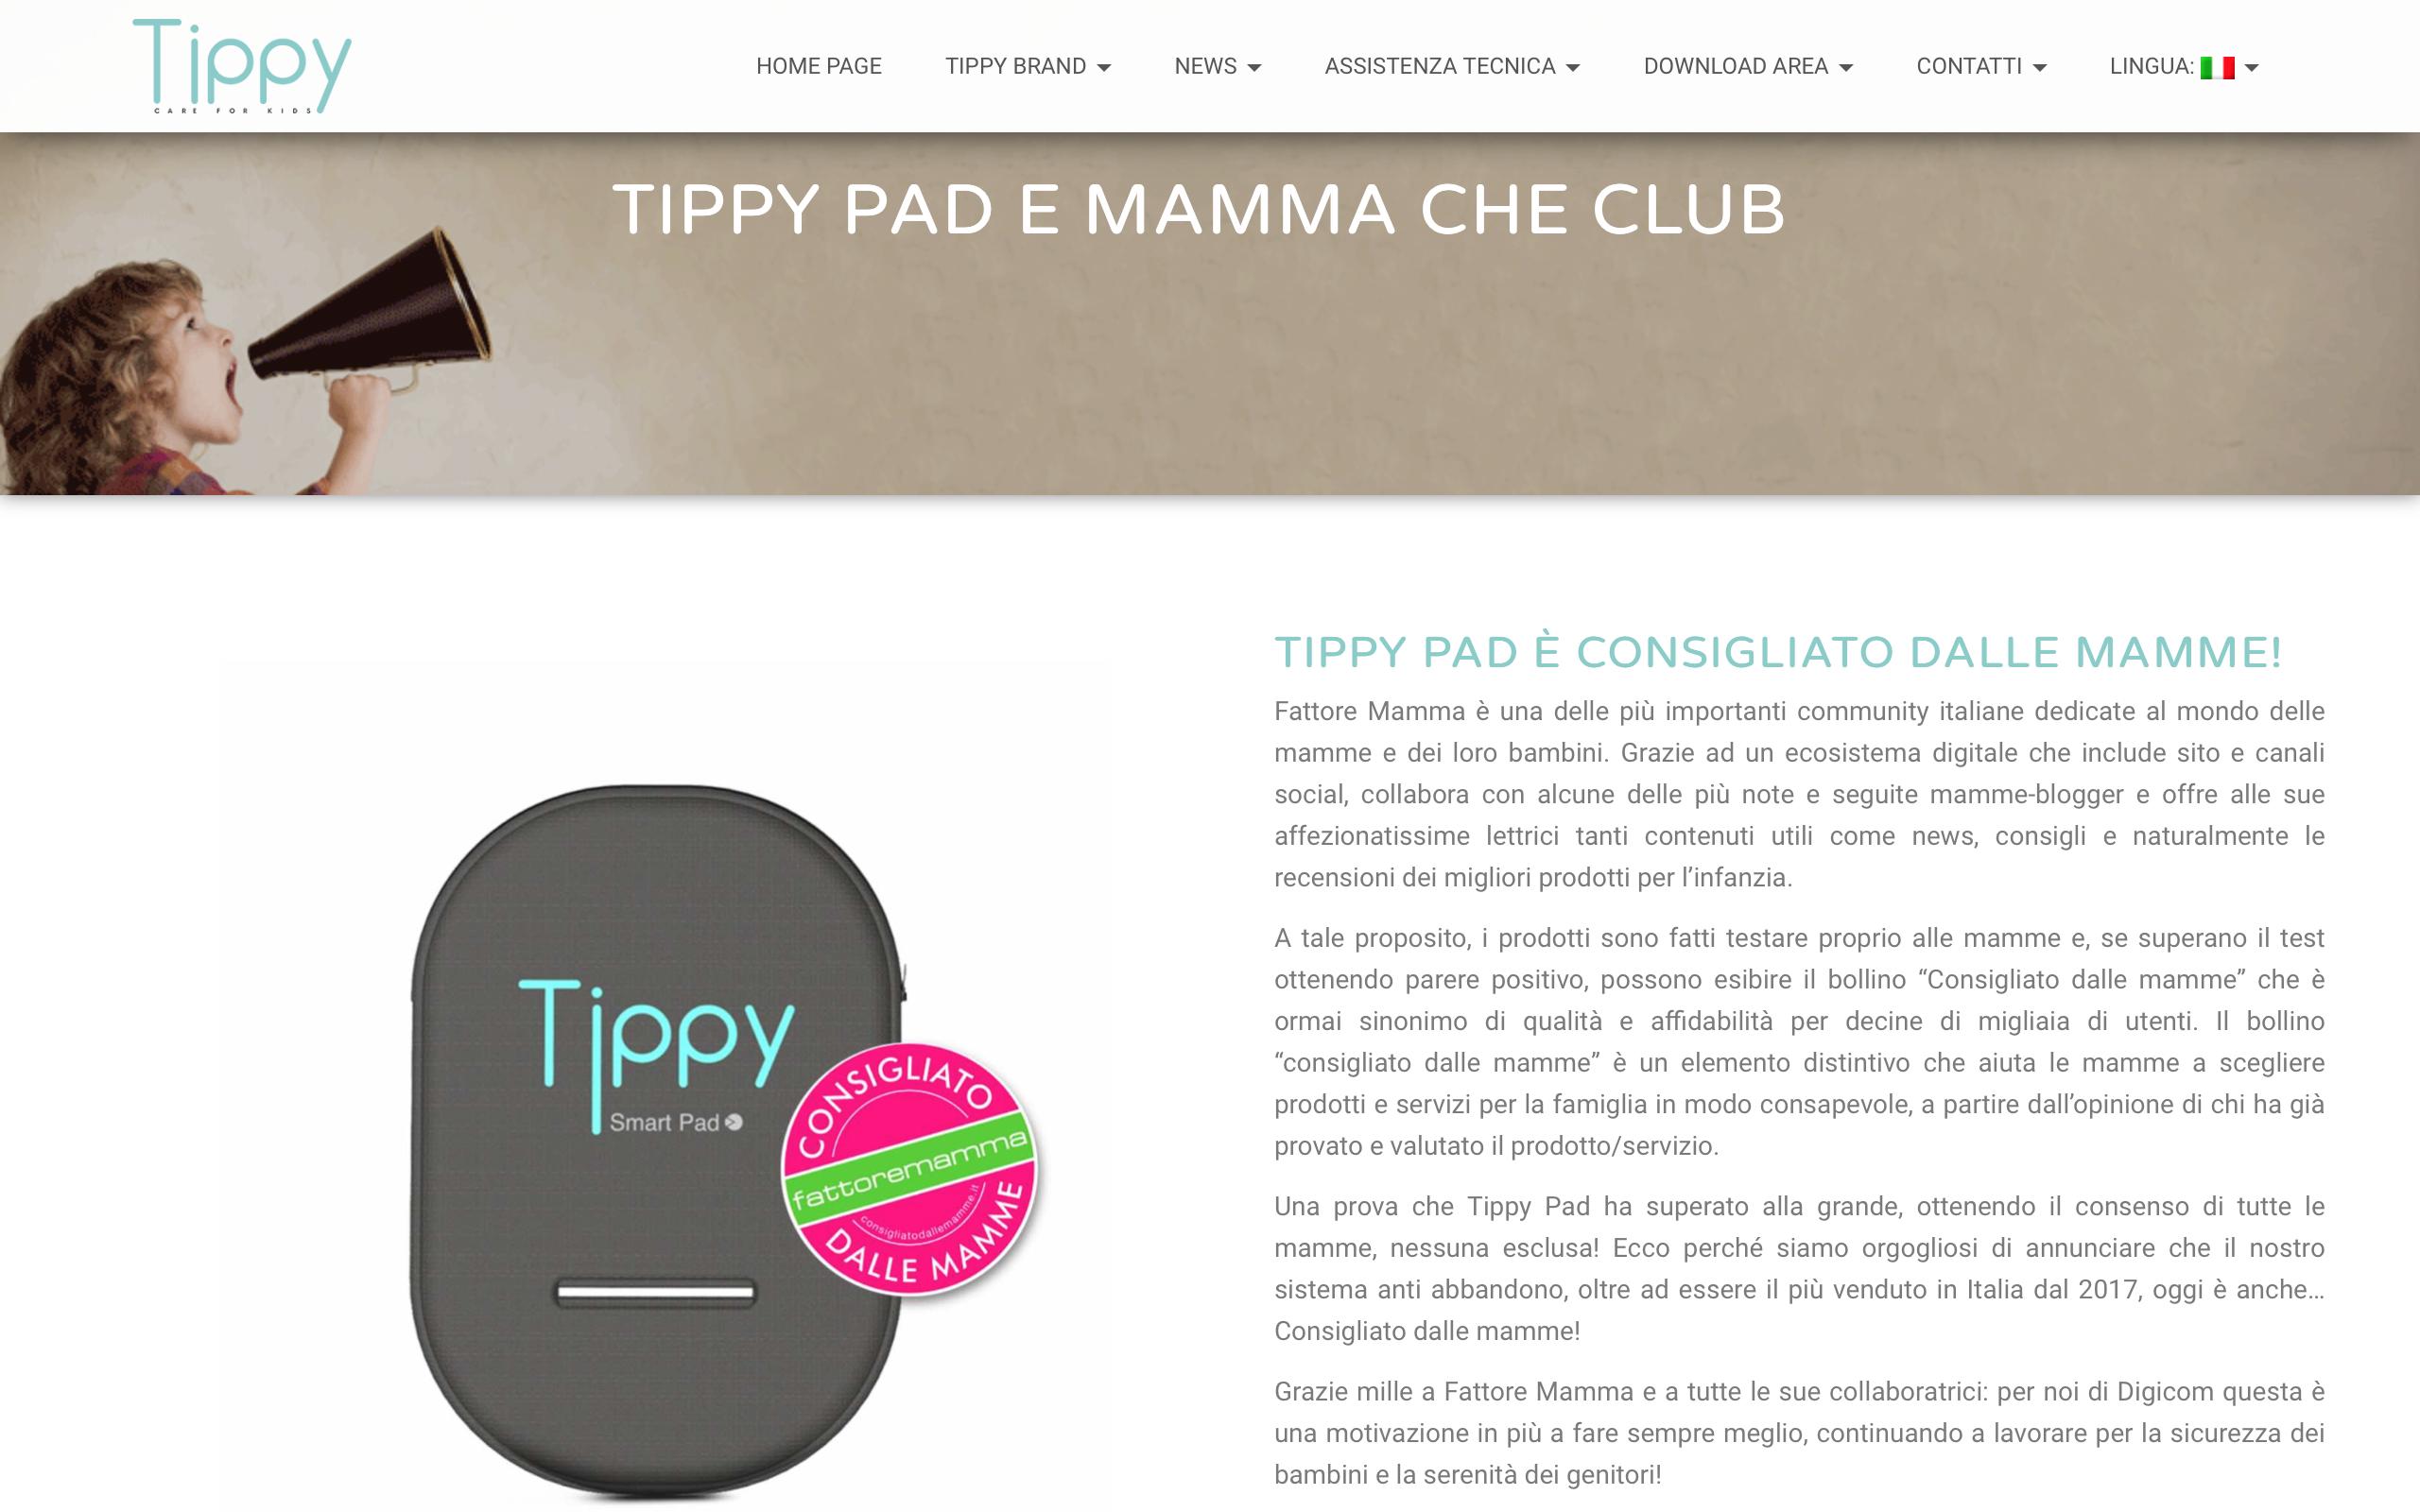 Tippy Pad Bollino Tech Consigliato dalle mamme